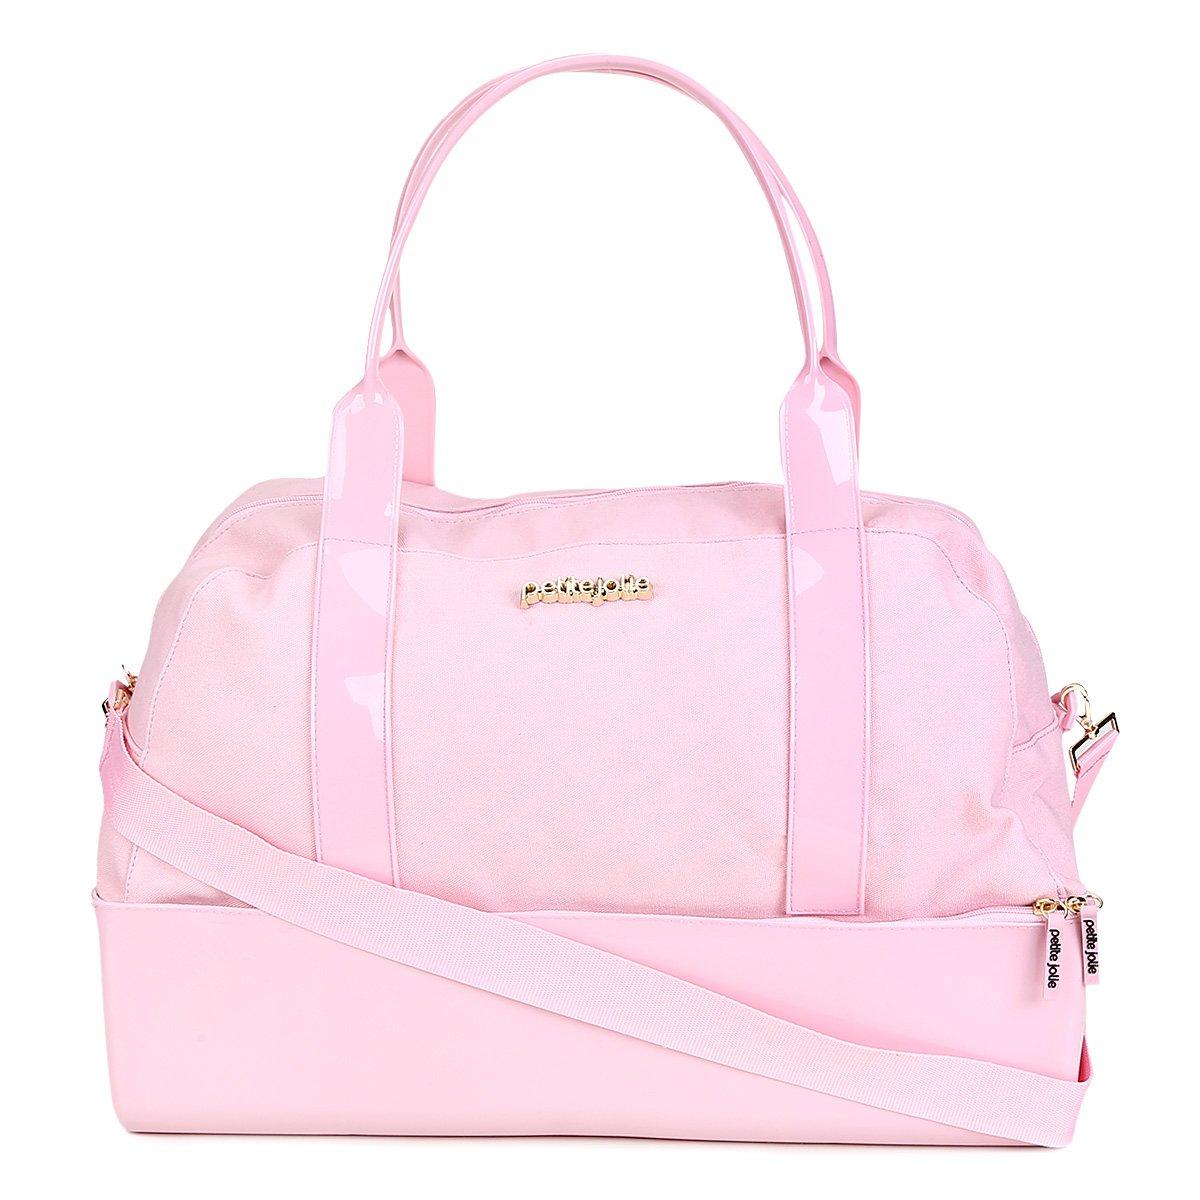 e8b14d7756 Bolsa Petite Jolie Handbag Weekend Feminina - Compre Agora